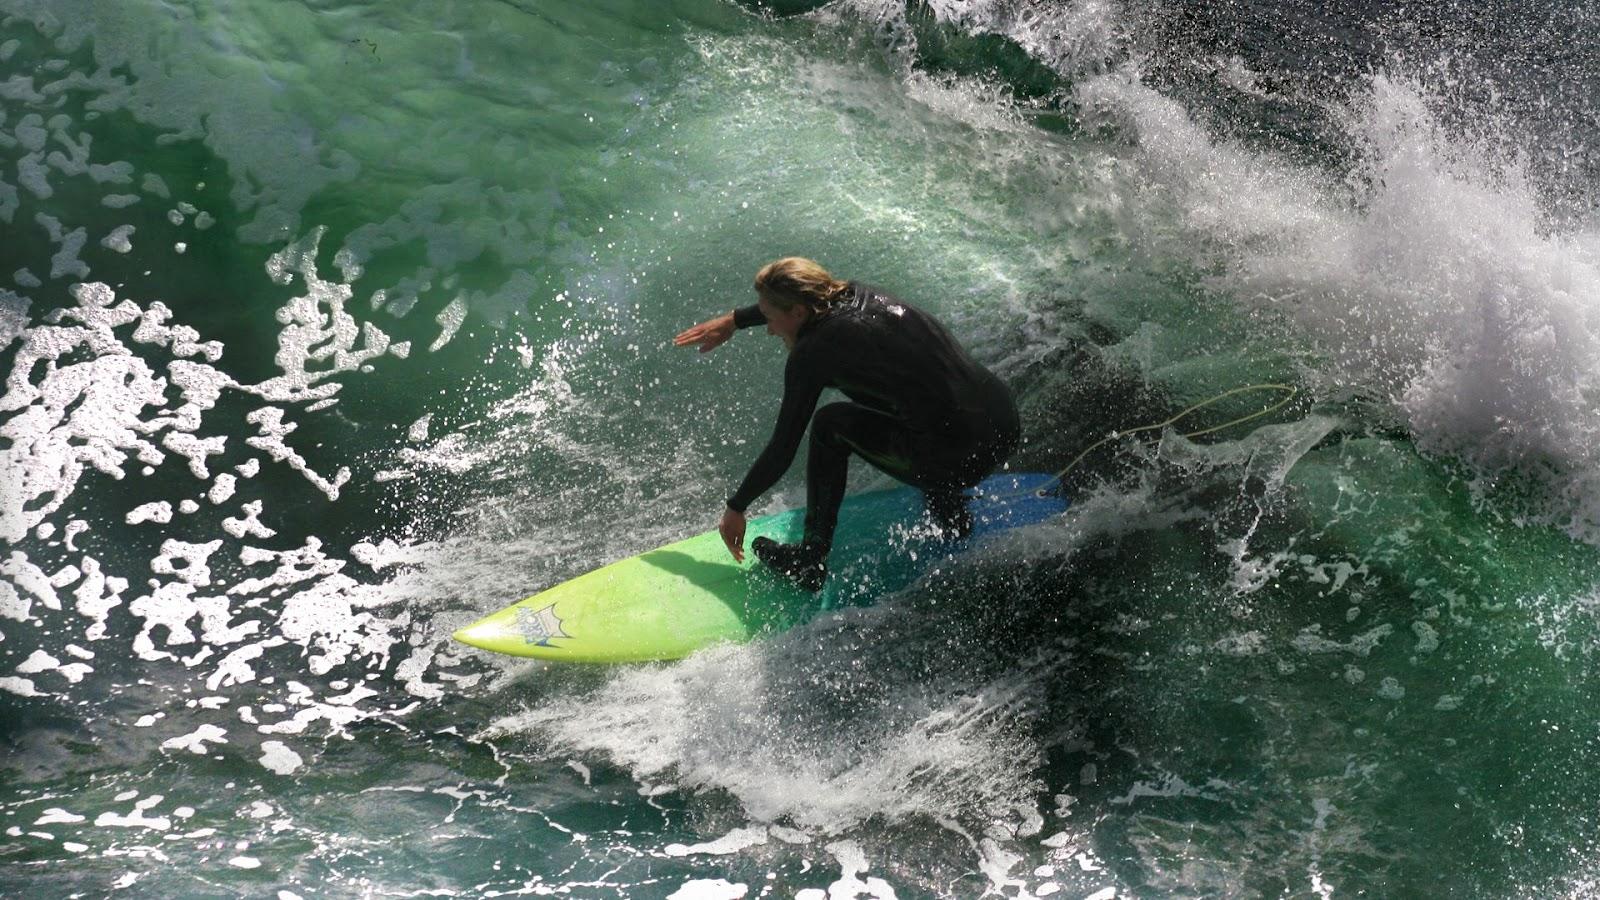 http://4.bp.blogspot.com/-aPDfmSAiSXc/T27uSXNoYSI/AAAAAAAAC0U/WFtMeUcR7pw/s1600/Great+Wave+For+Surfing+Wallpaper+1.jpg